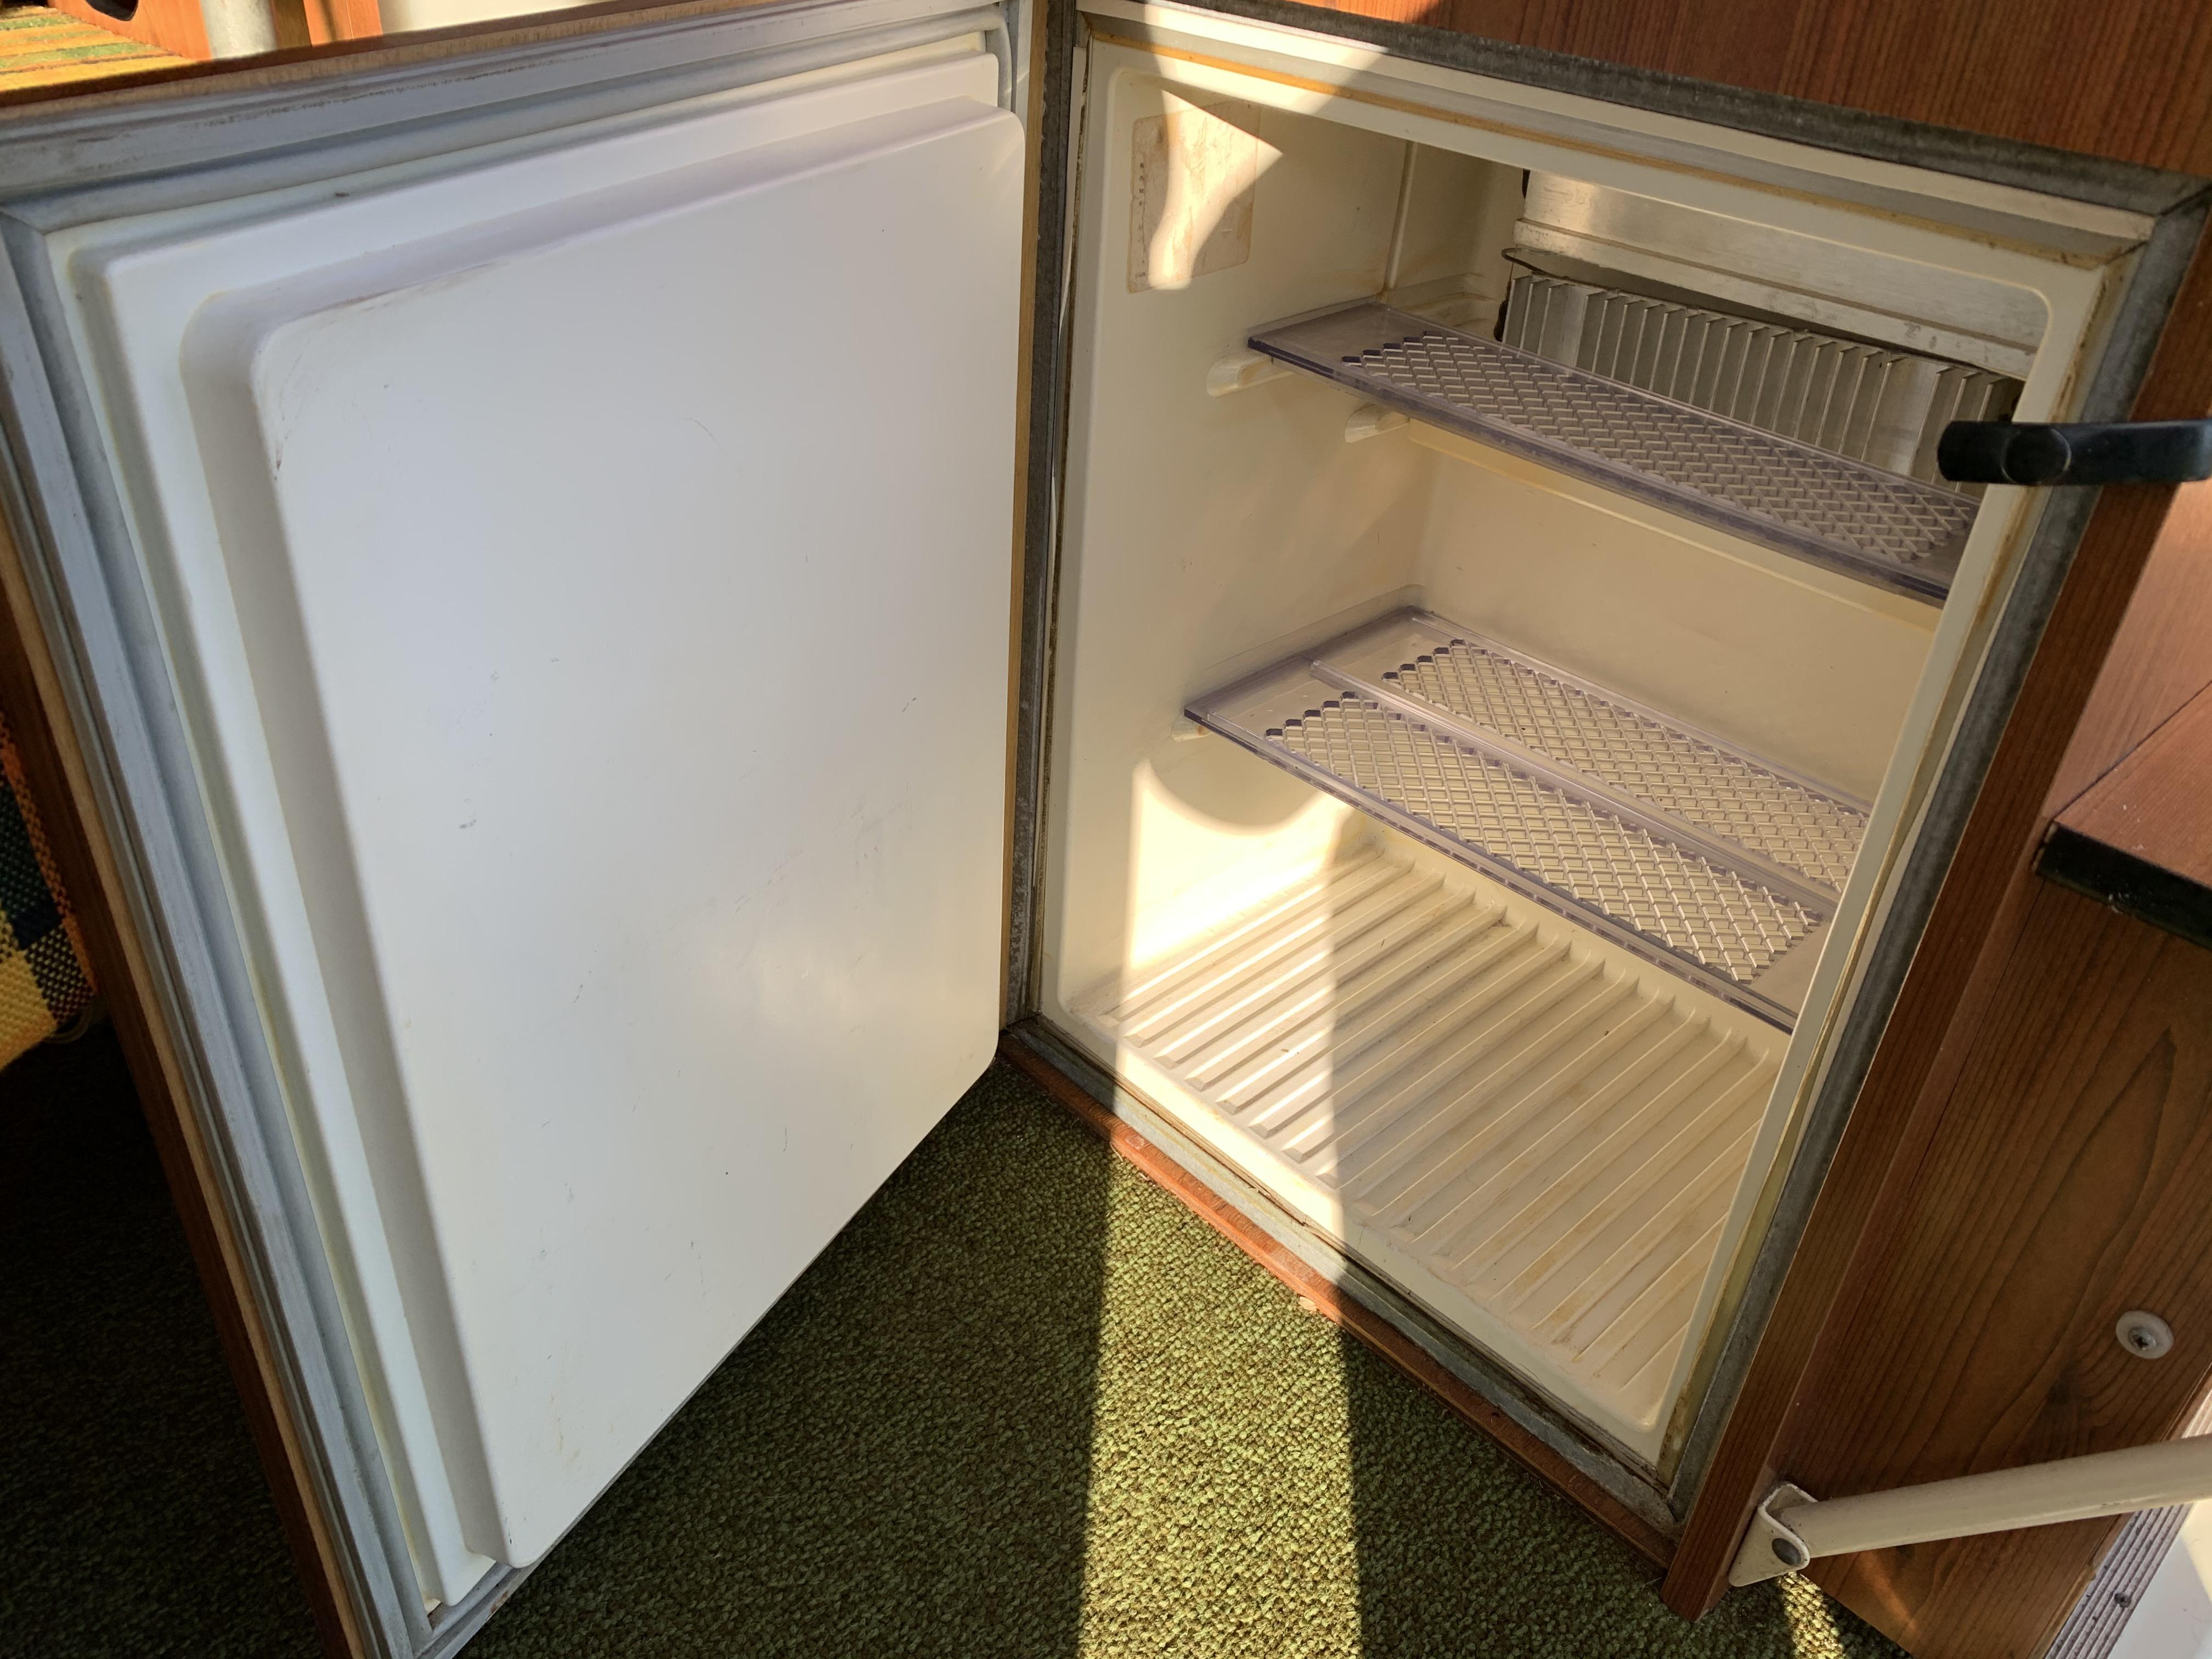 3 way fridge for camper